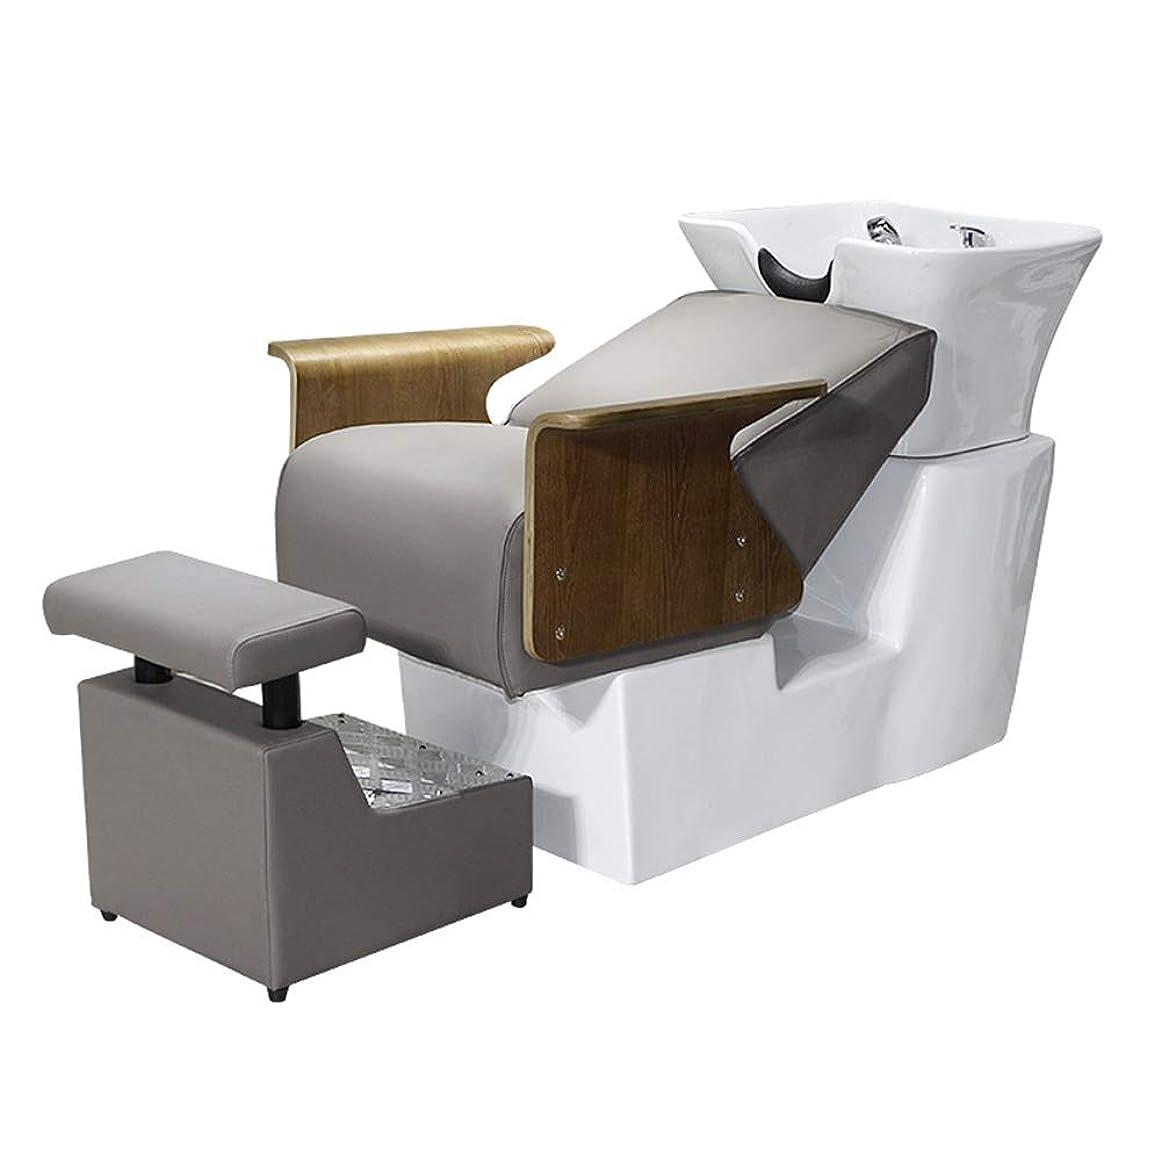 極地傾向があります感謝シャンプーの椅子、陶磁器の洗面器のシャンプーのベッドの逆洗の単位の鉱泉の美容院装置のためのシャンプーボールの理髪の流しの椅子